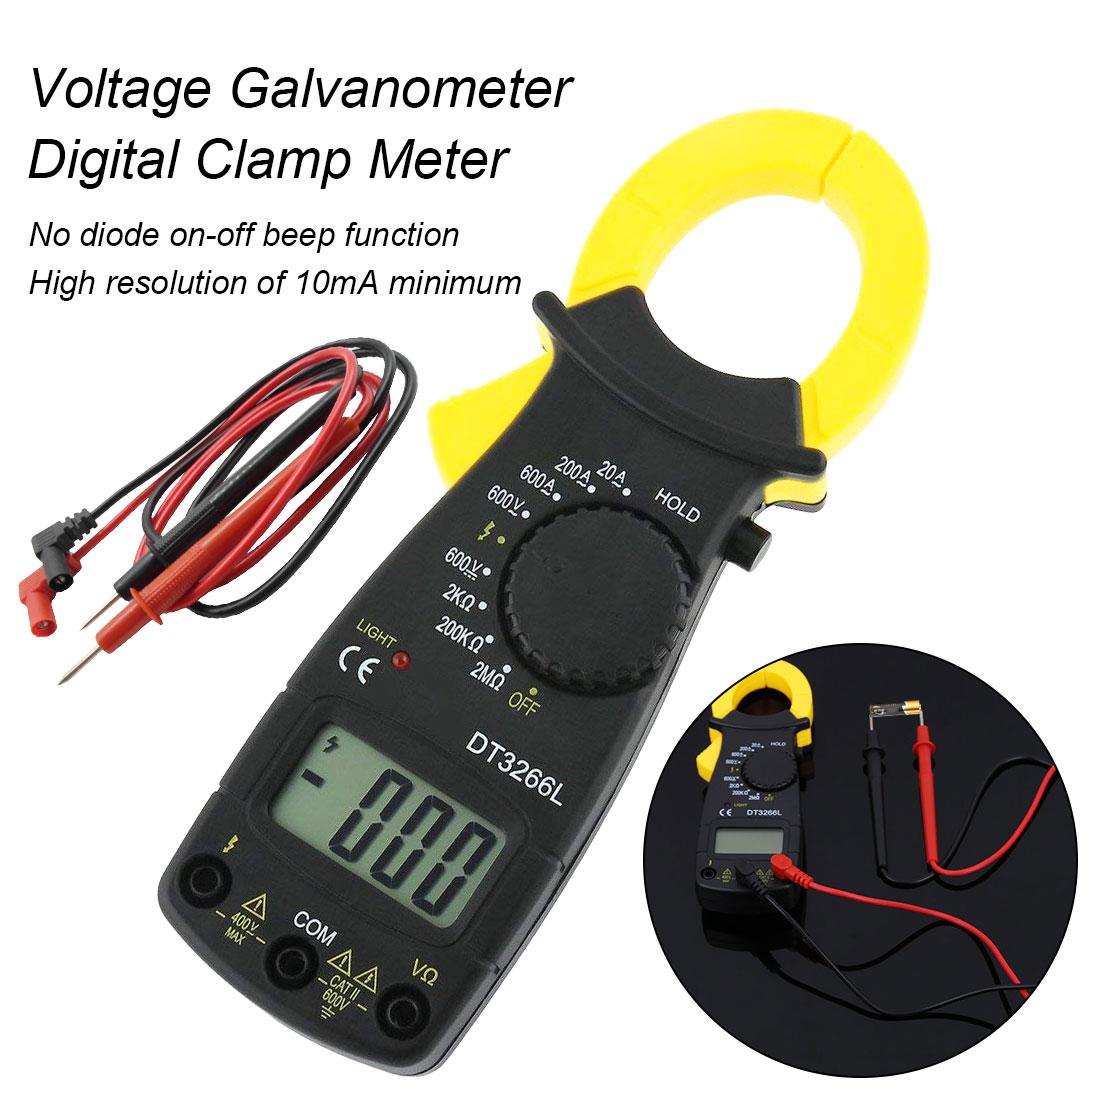 Multimeter Strom Clamp Pinzetten Voltmeter Amperemeter 600a Ac/dc Ohm Strom Spannung Tester Digitale Amper Clamp Meter Dt-3266l Attraktives Aussehen